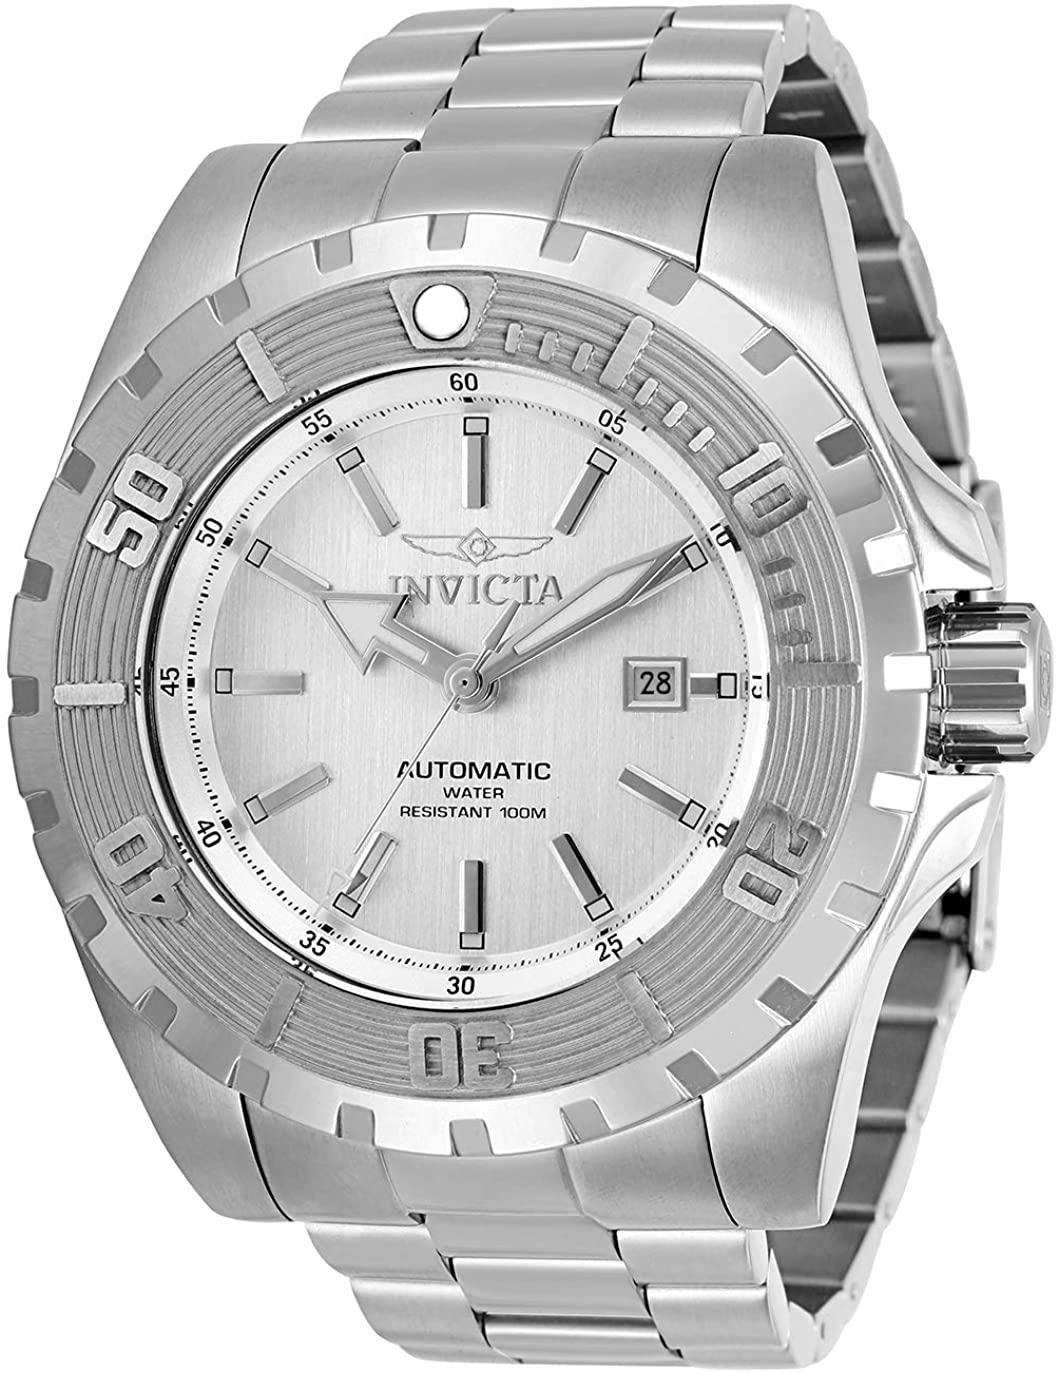 Invicta Pro Diver Automatic Watch (Model: 30499)